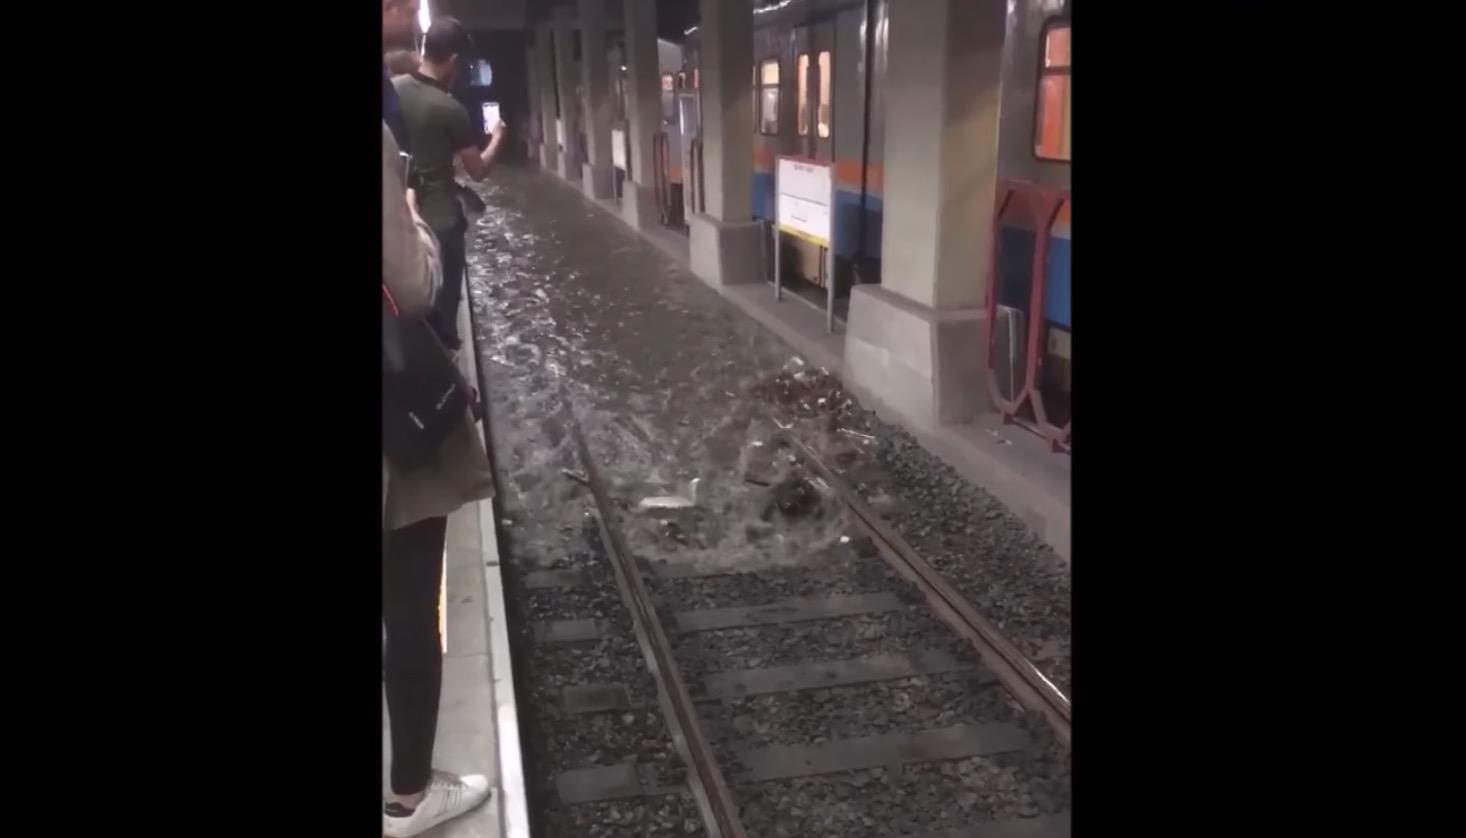 これは怖い、、大雨で地下鉄に水が流れ込んできた!